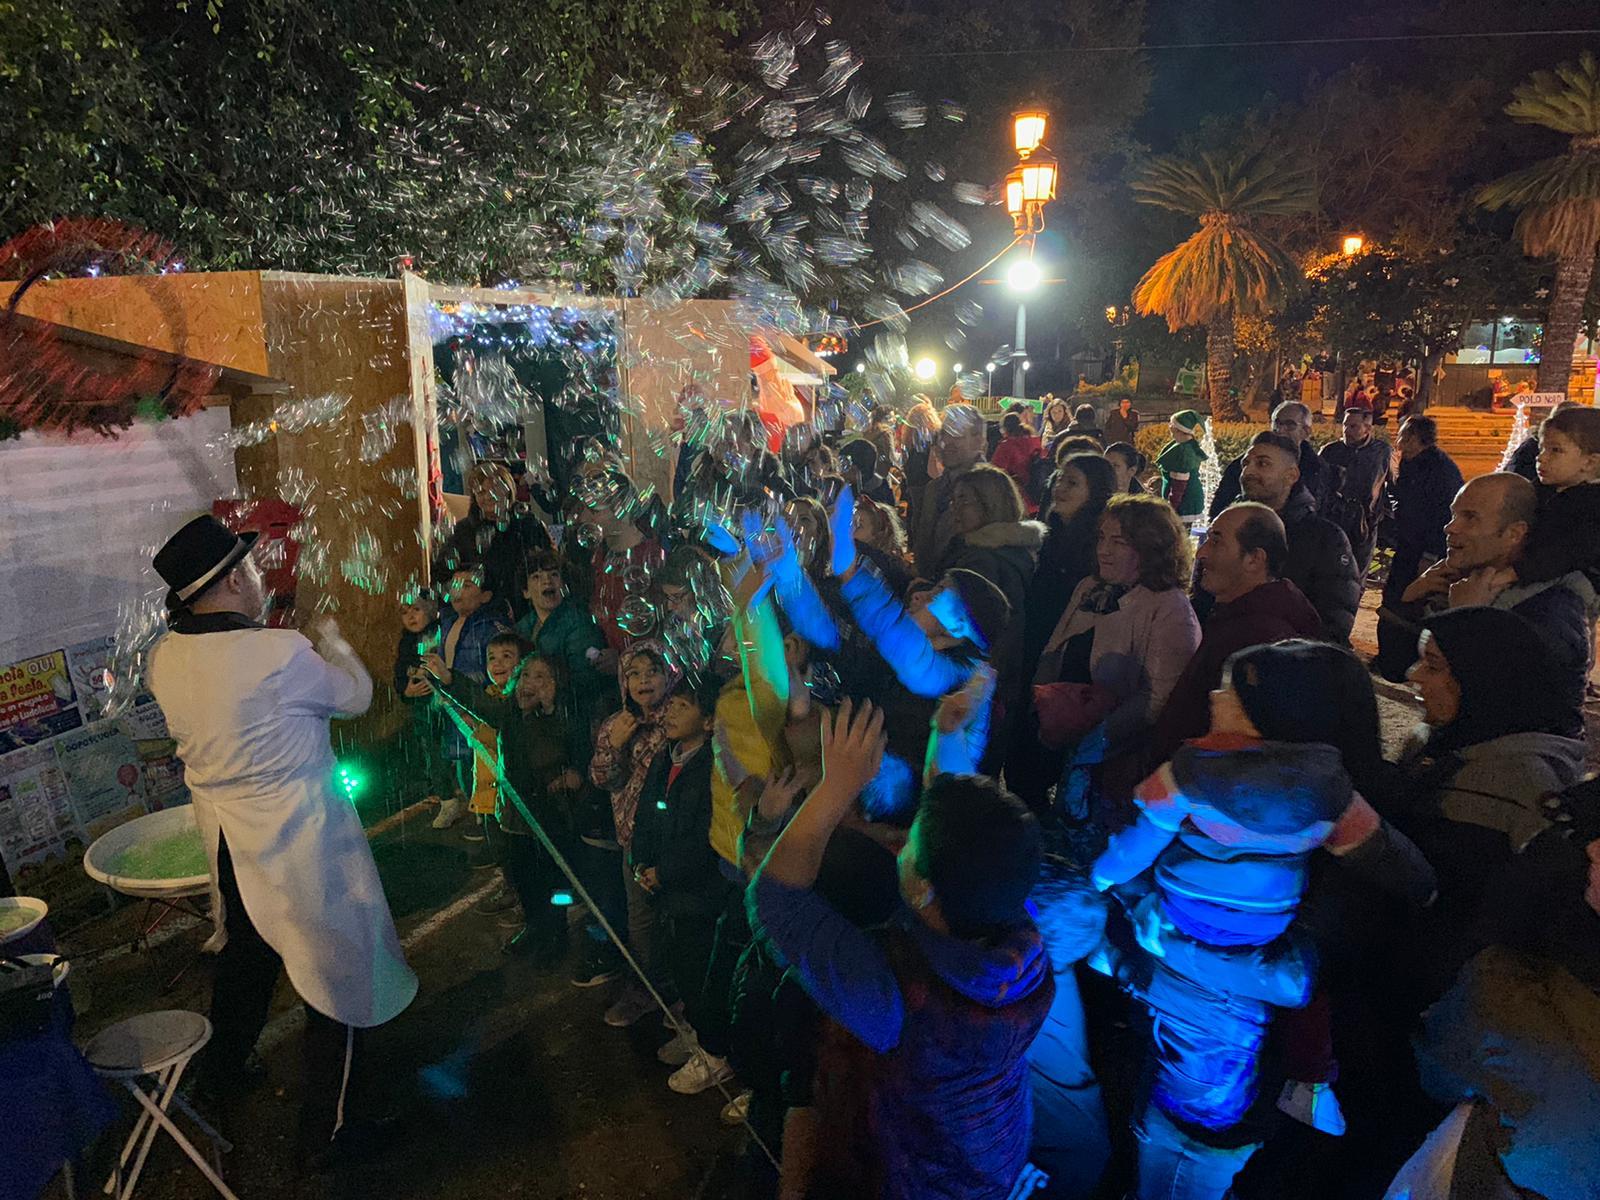 La magia del villaggio di Santa Claus accende il Natale nella villa comunale